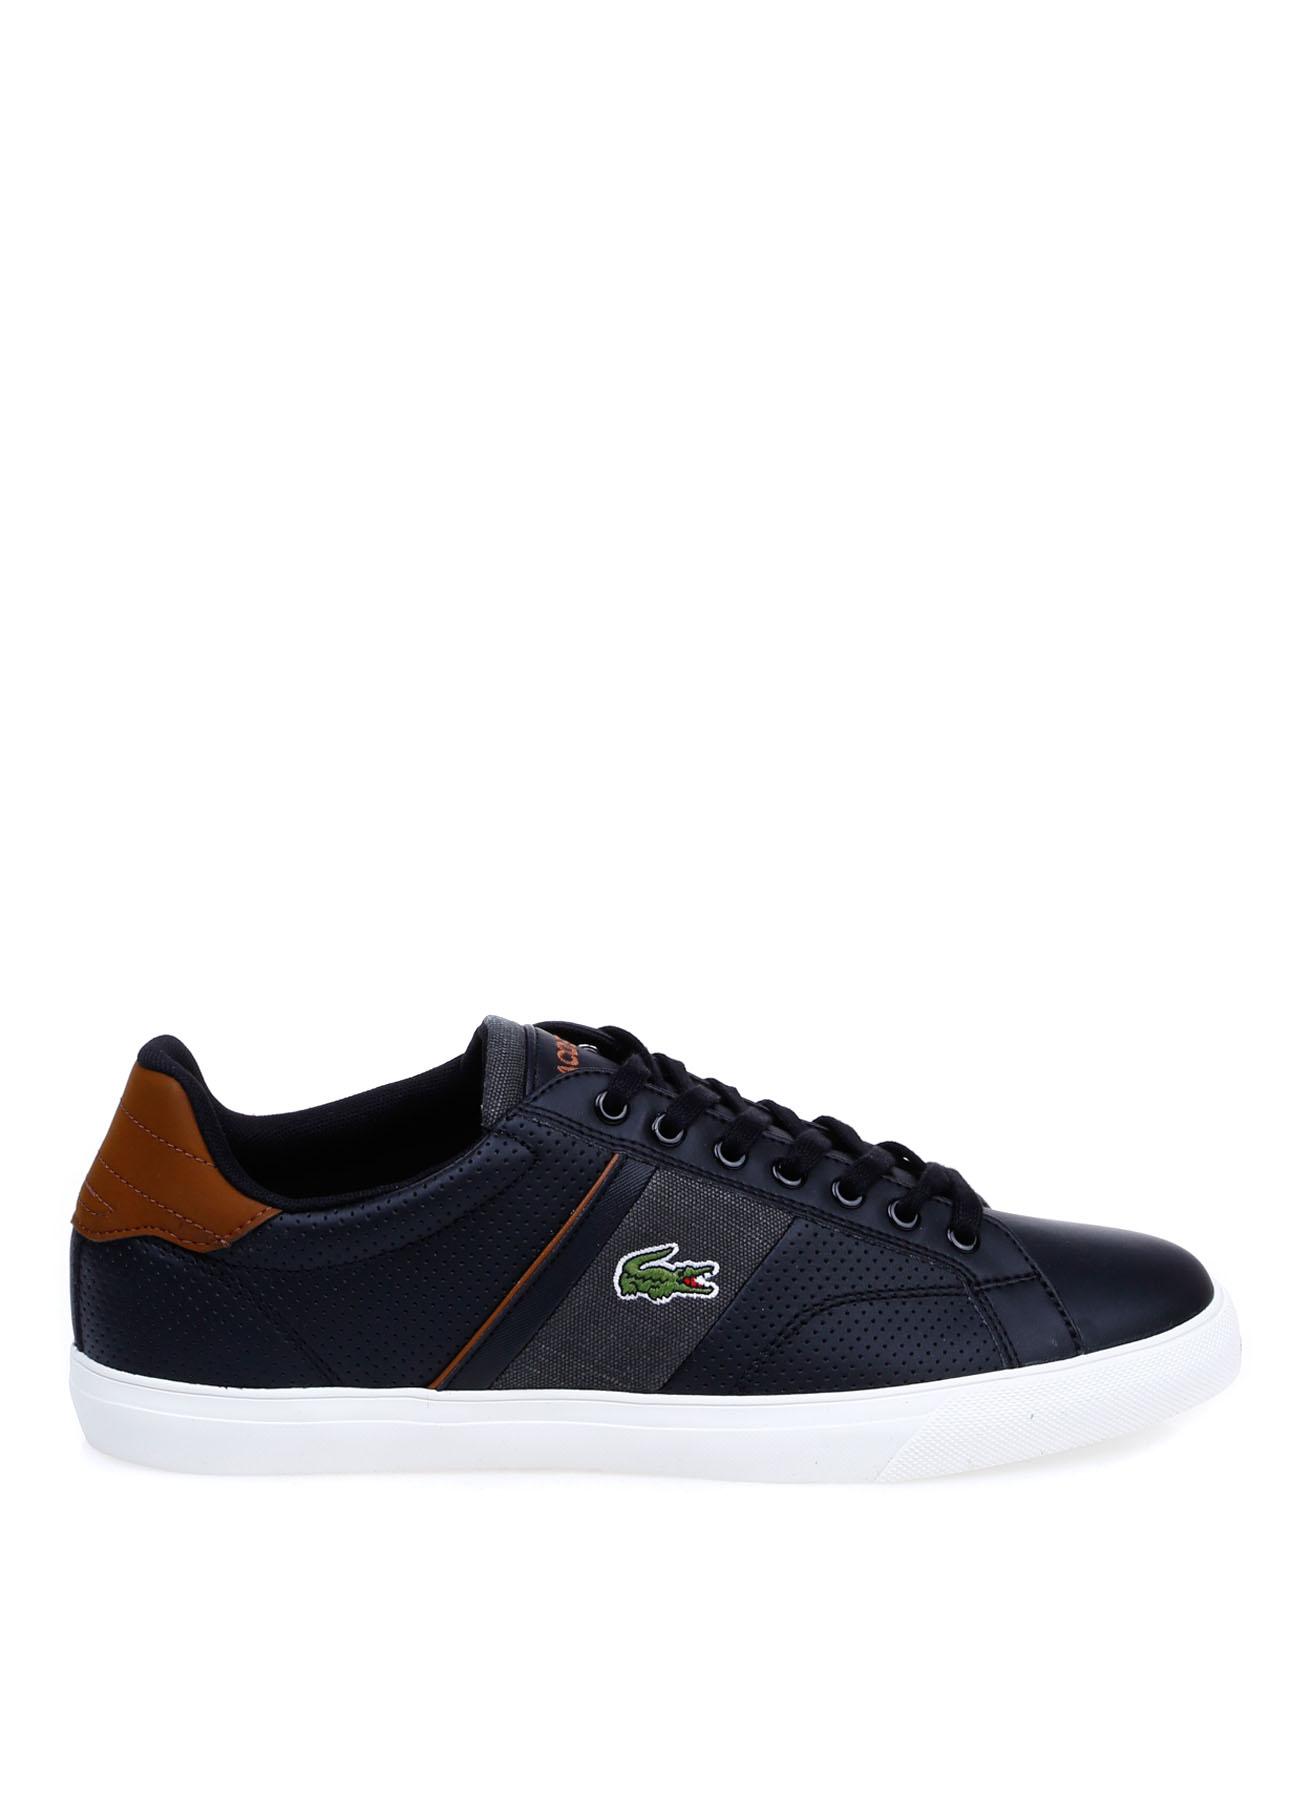 Lacoste Erkek Deri Lacivert Lifestyle Ayakkabı 45 5002314233001 Ürün Resmi